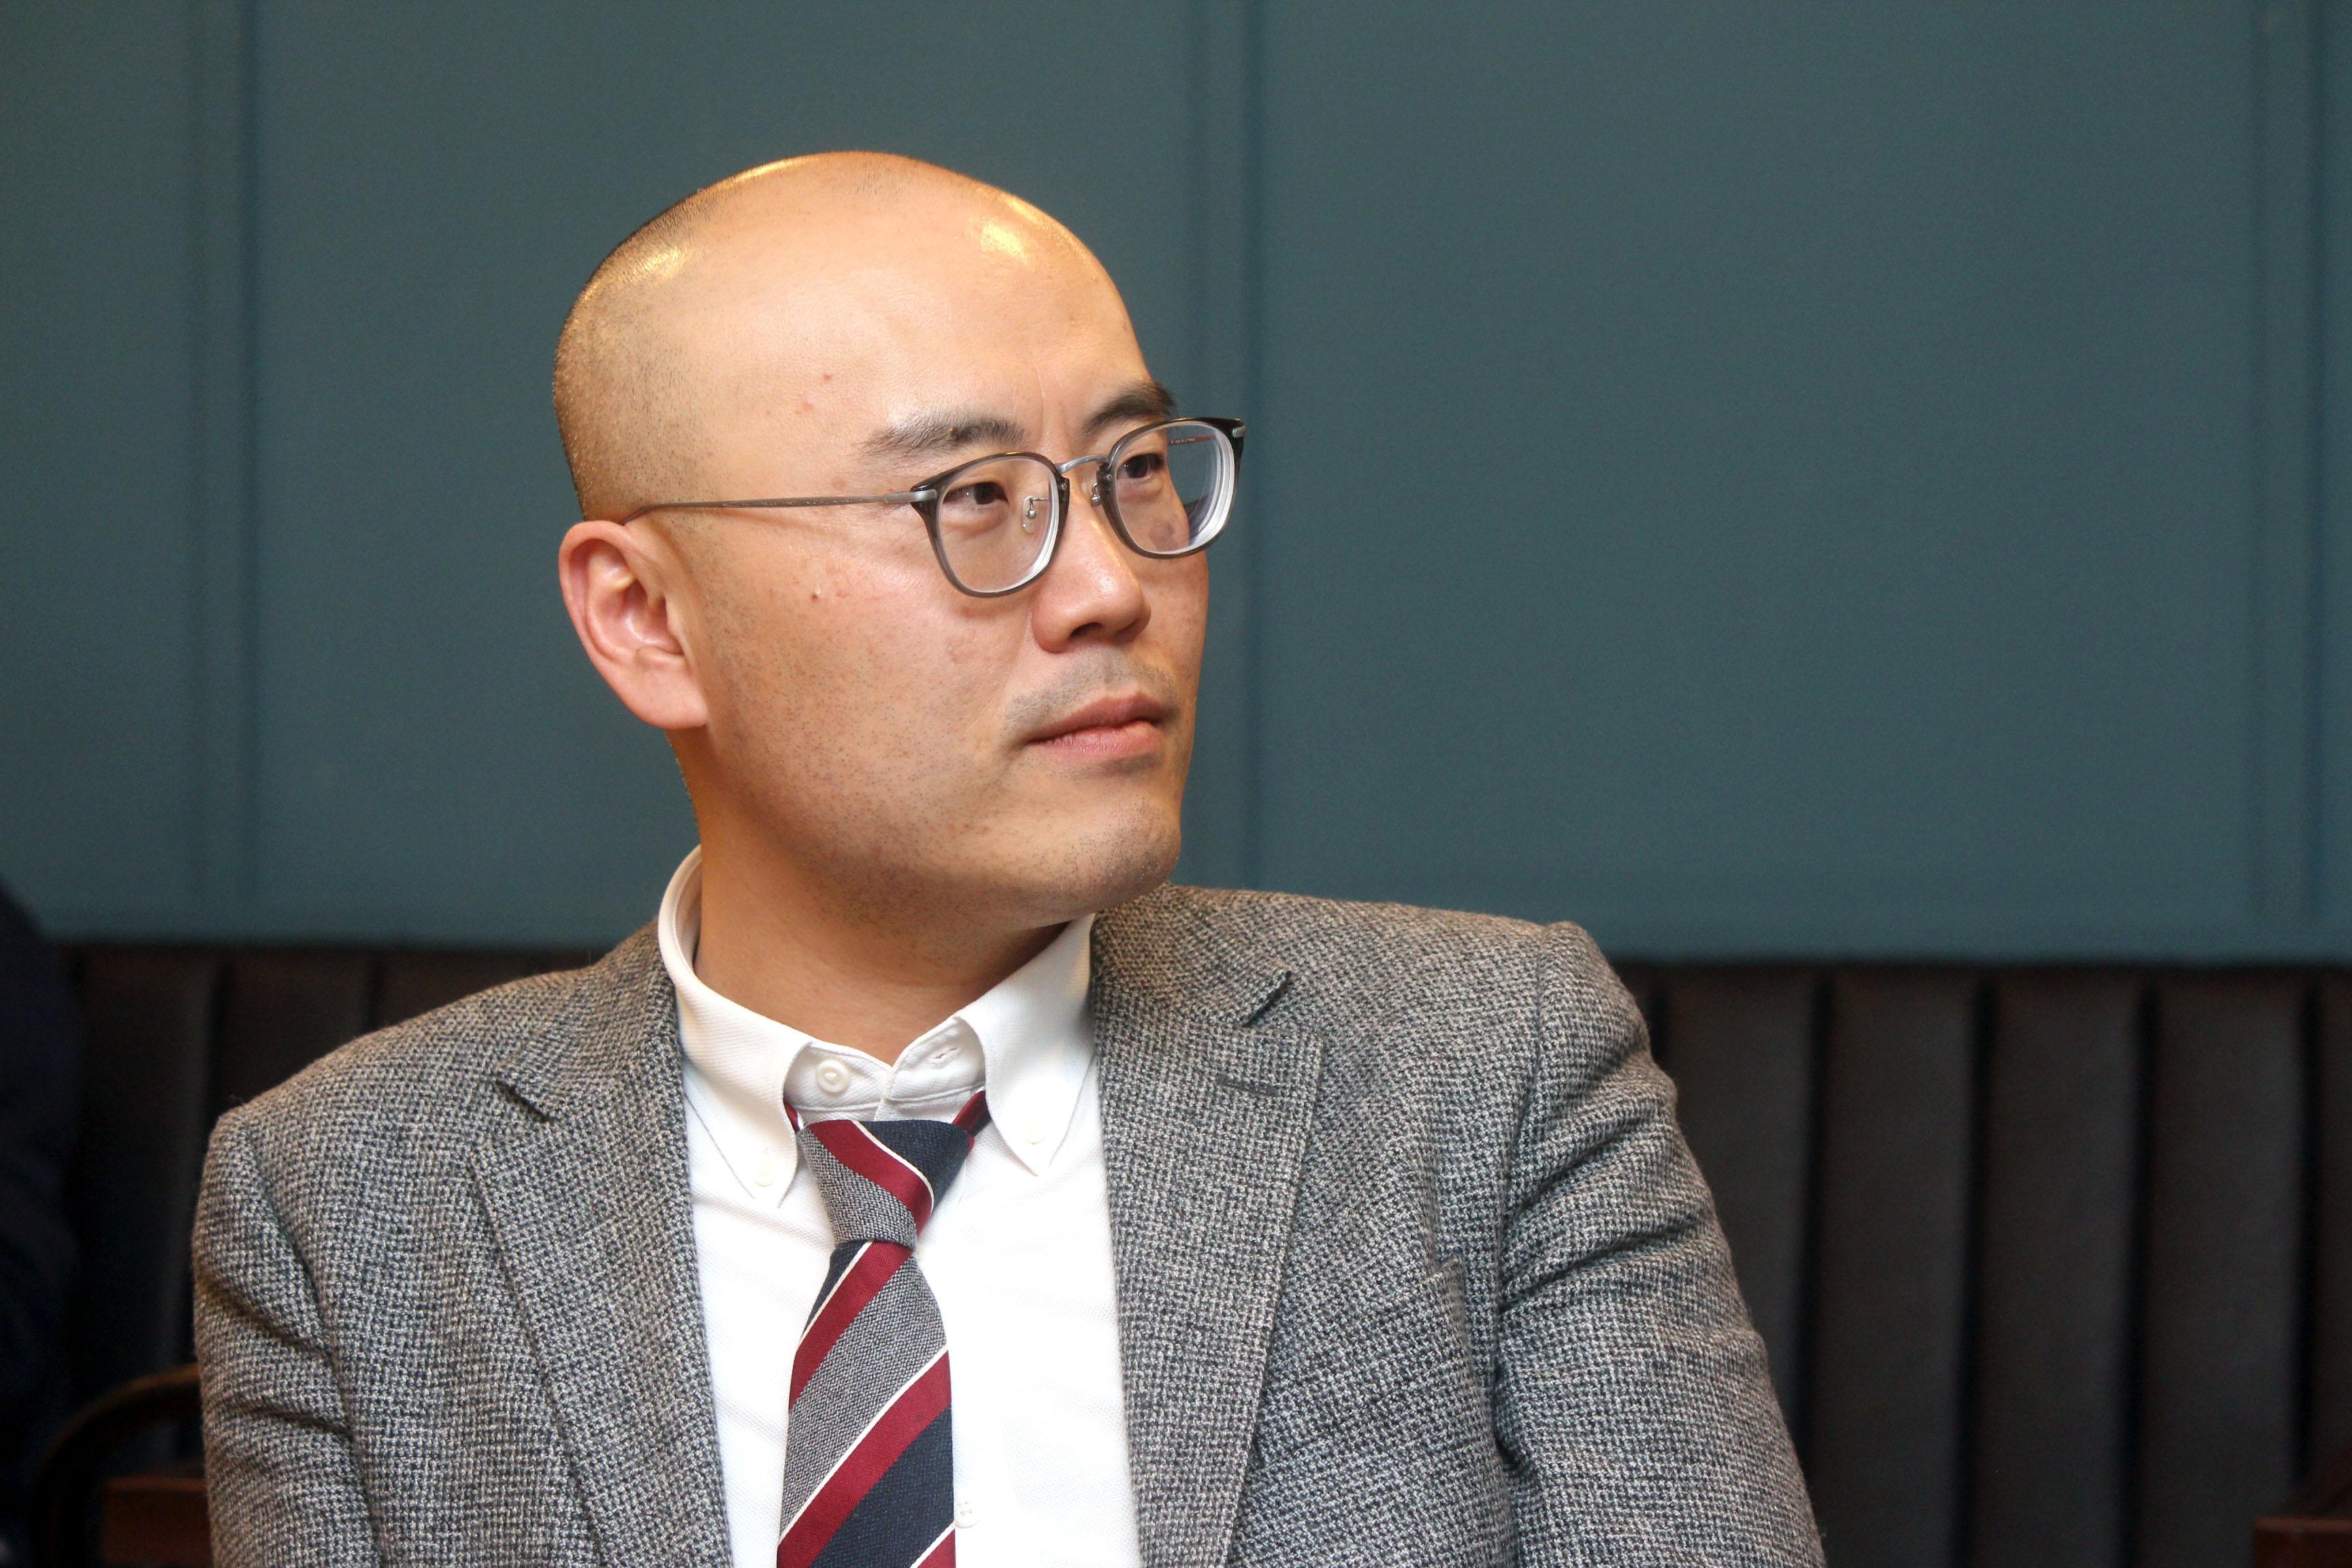 이정훈 교수